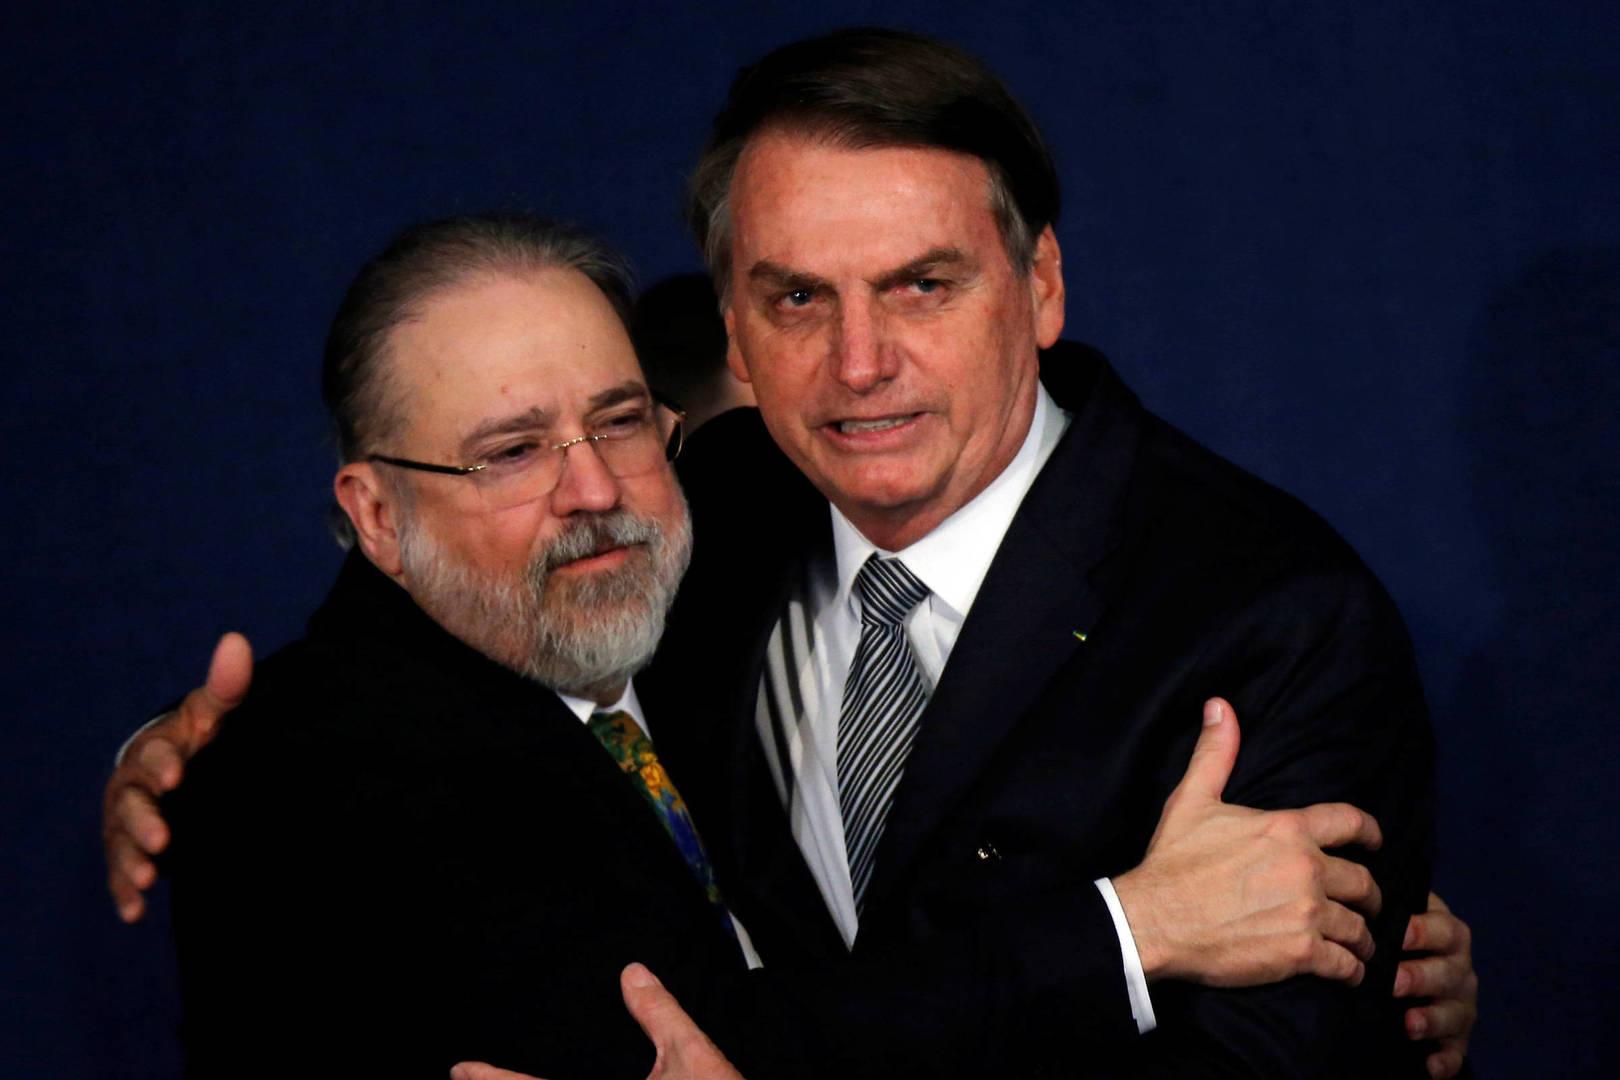 Politische Krise in Brasilien: Amtsenthebung und Prozess gegen Präsident Bolsonaro?